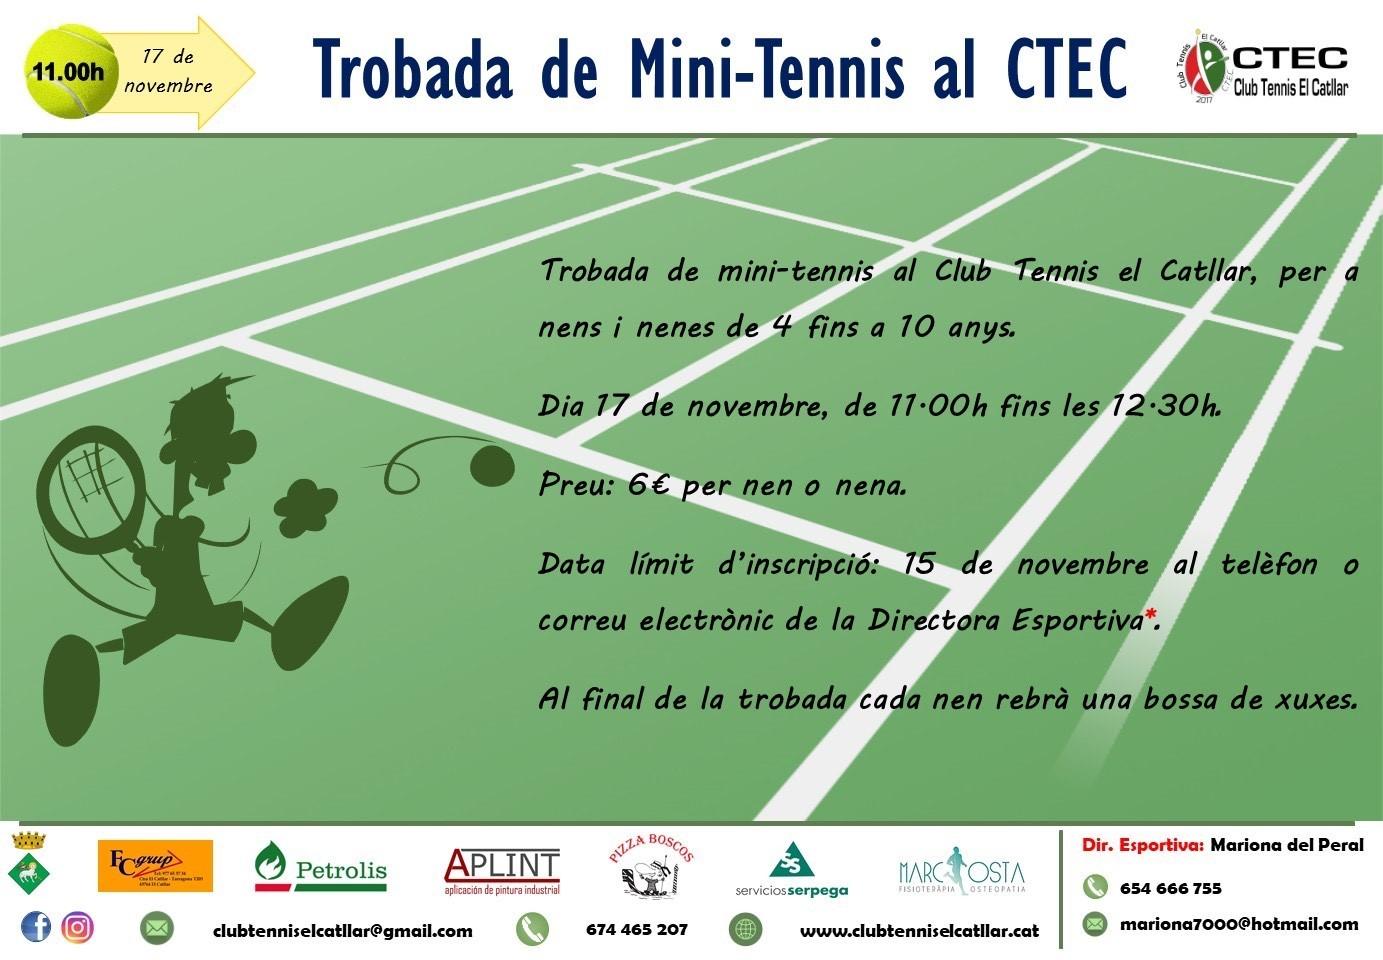 Club de tennis el Catllar - Trobada de mini tennis -